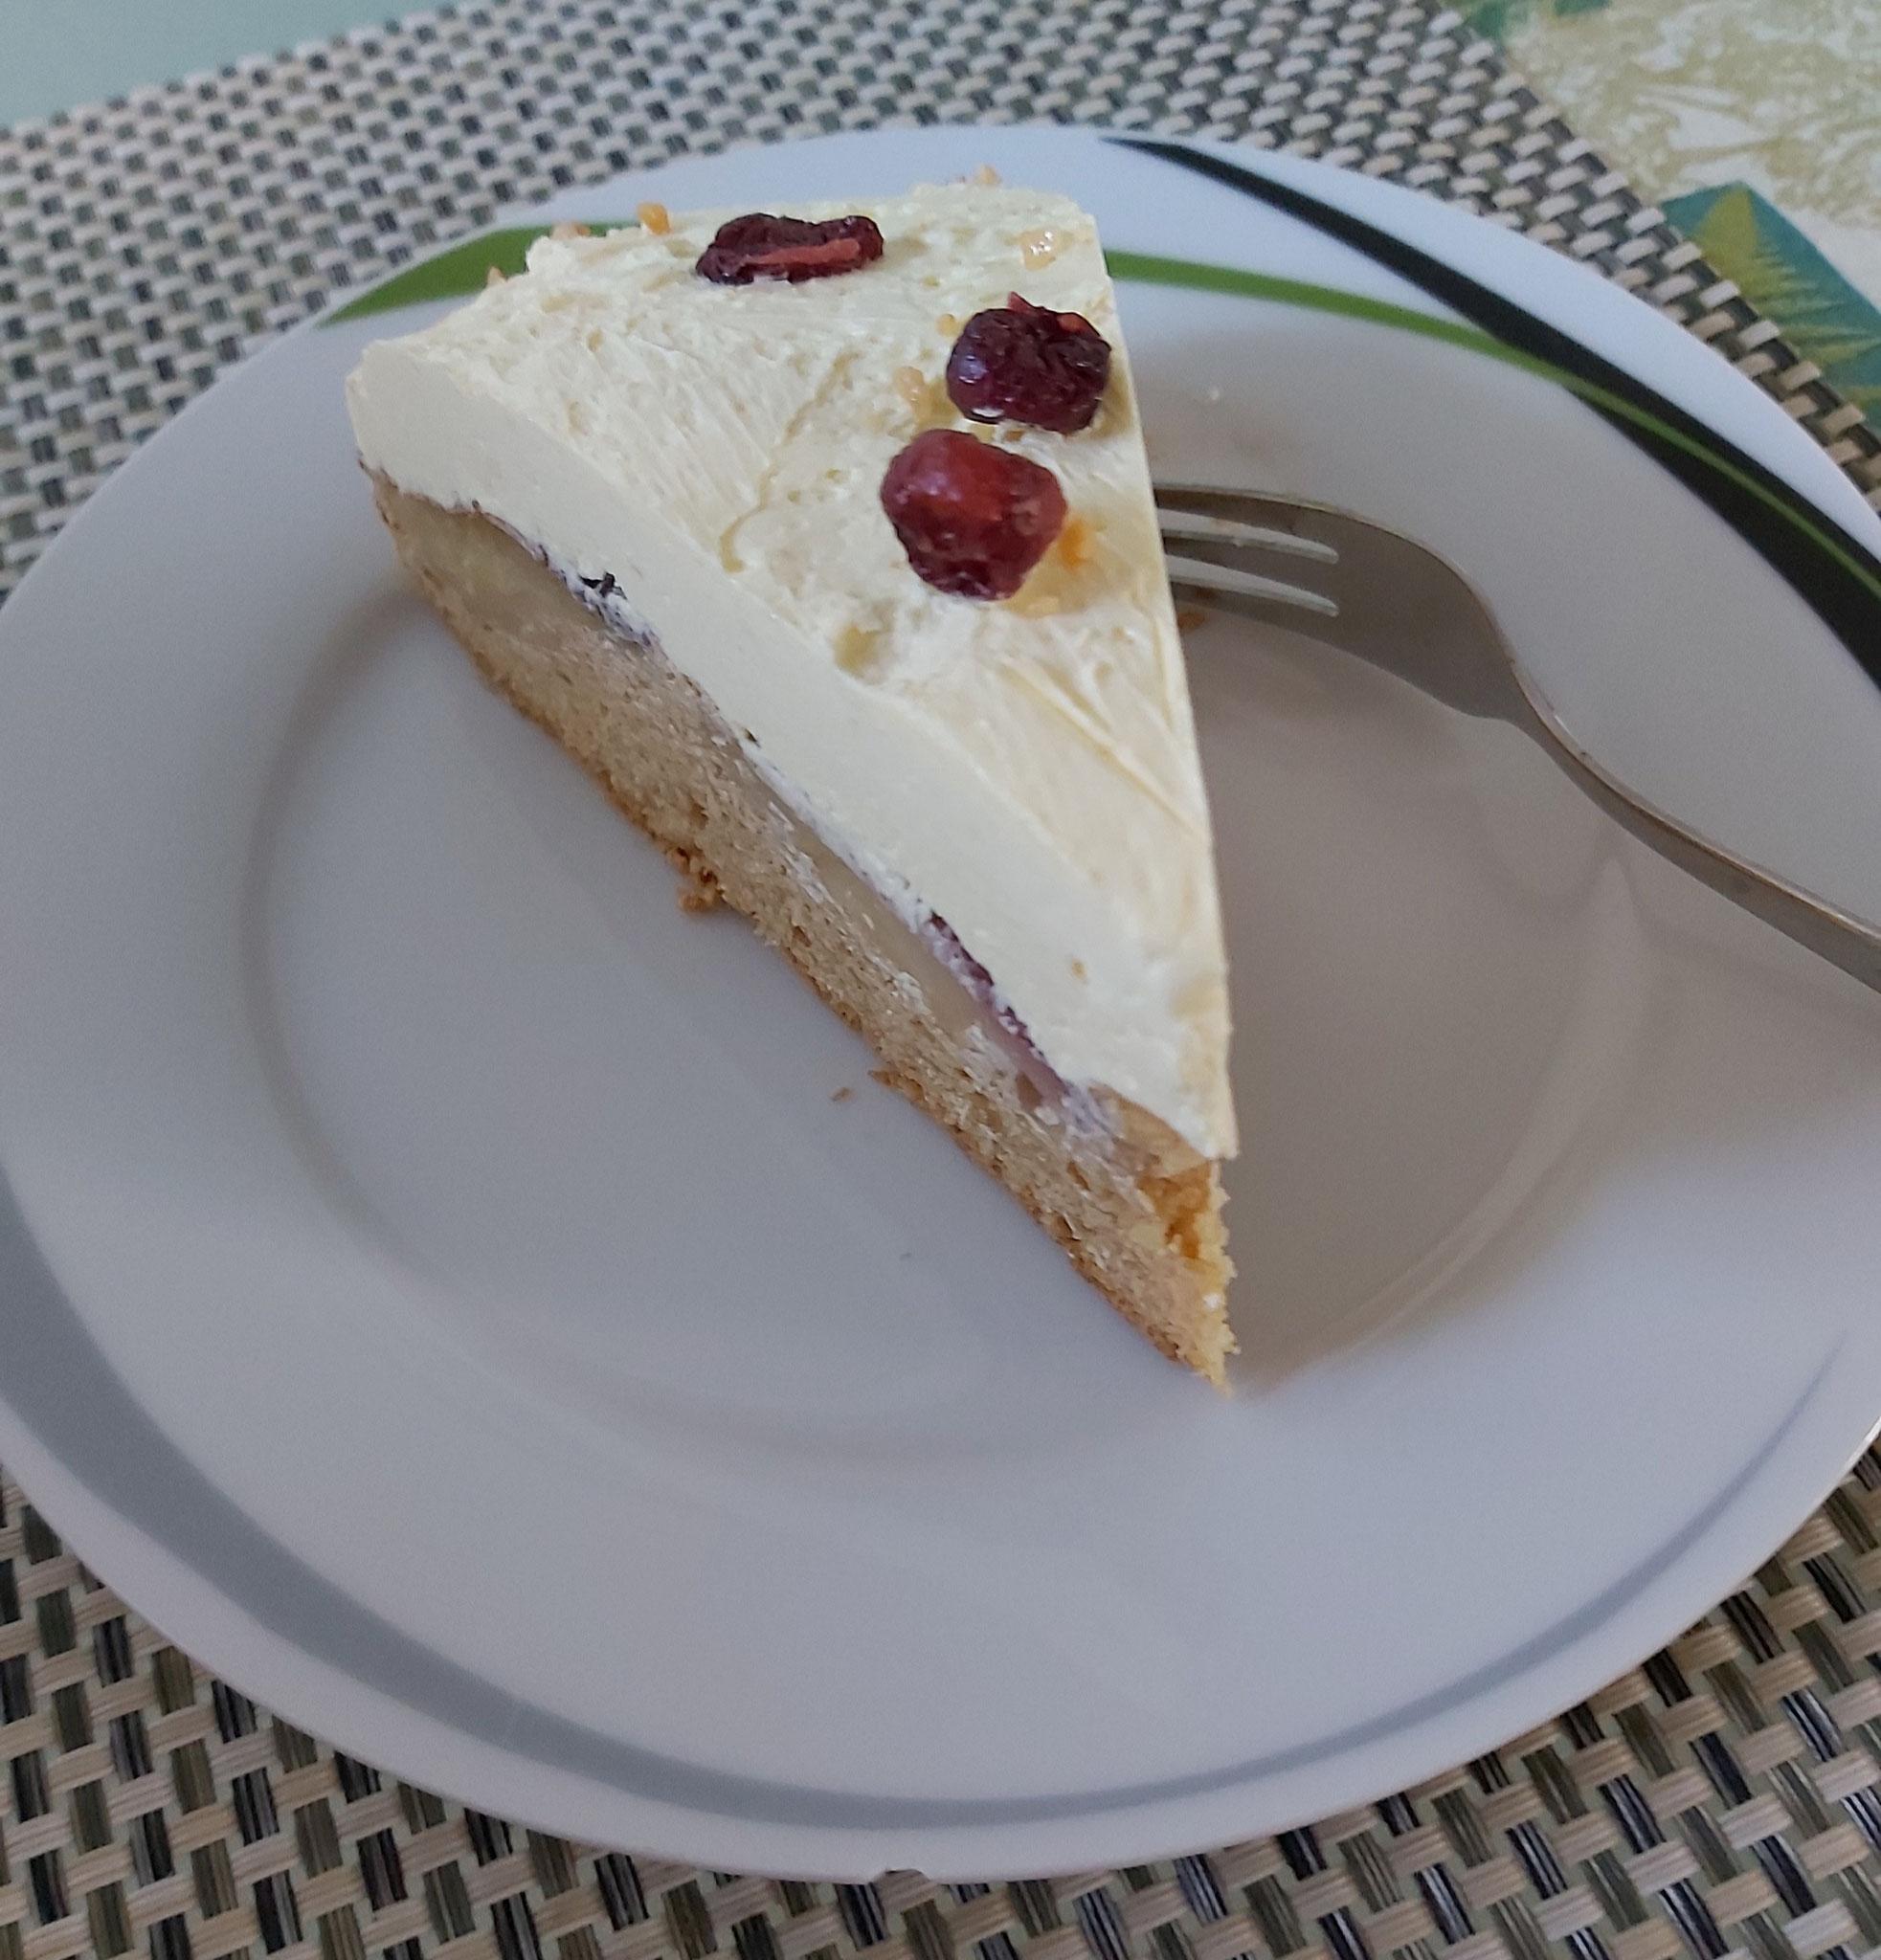 Das leckere Stück Kuchen ist für mich ;-)